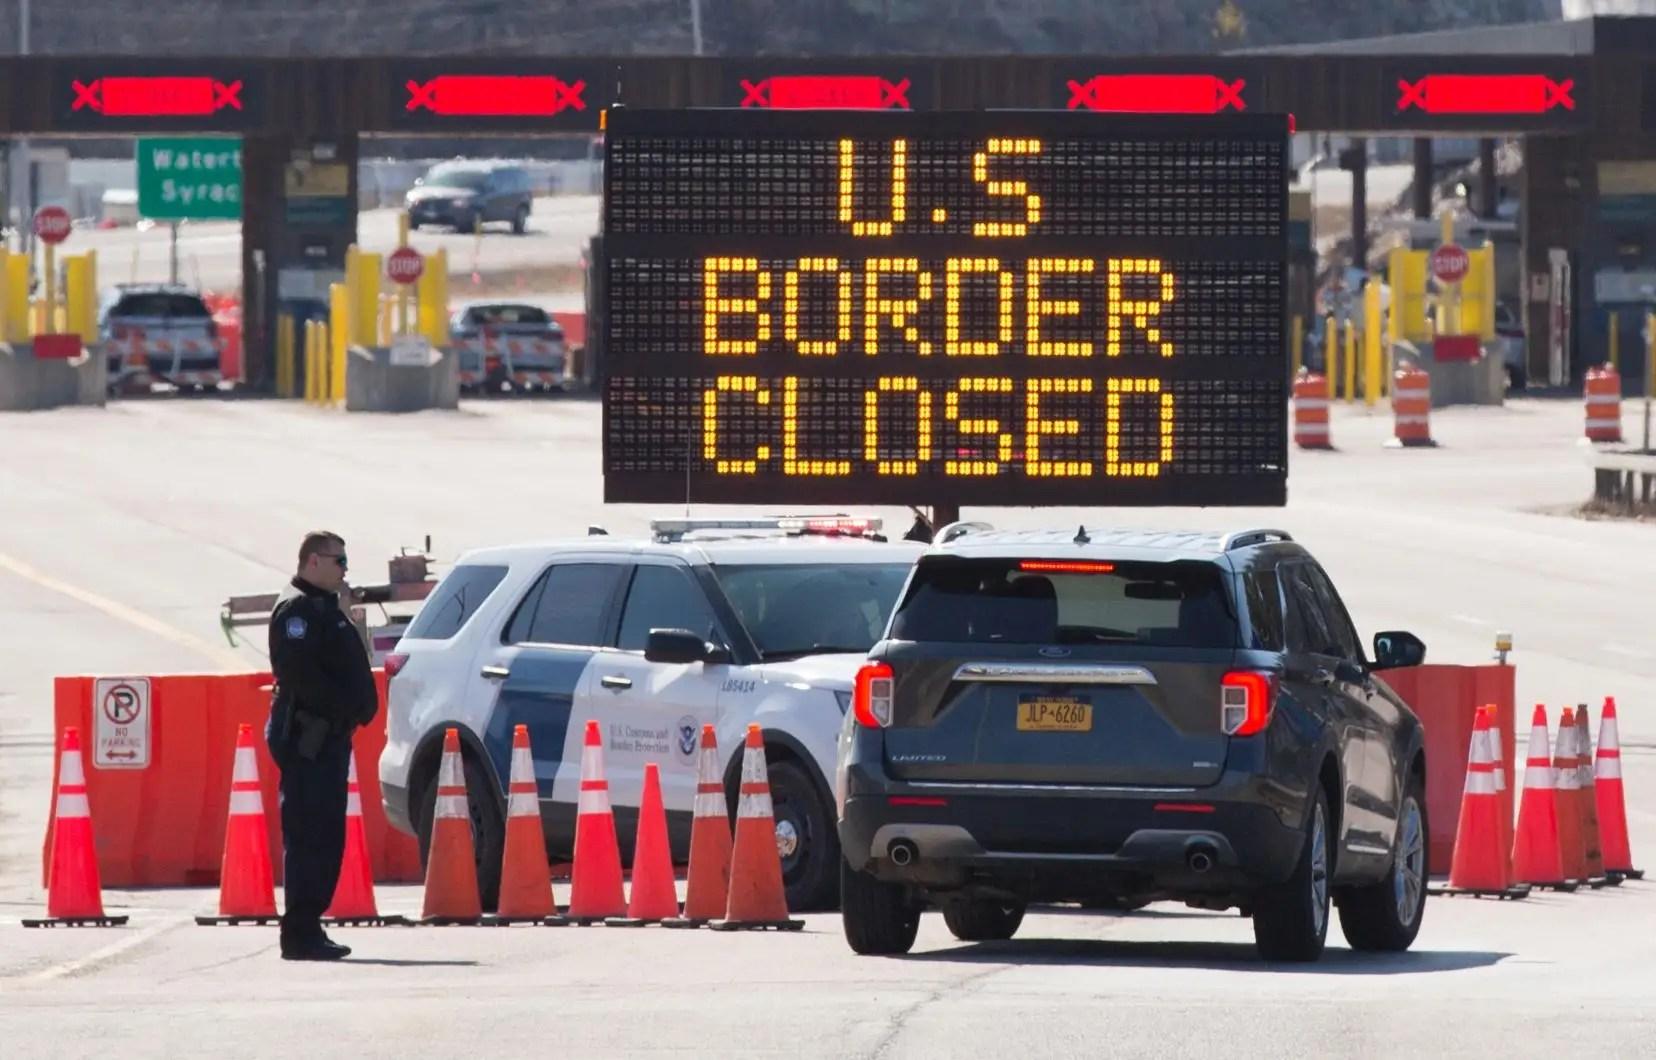 Les États-Unis demeurent barricadés